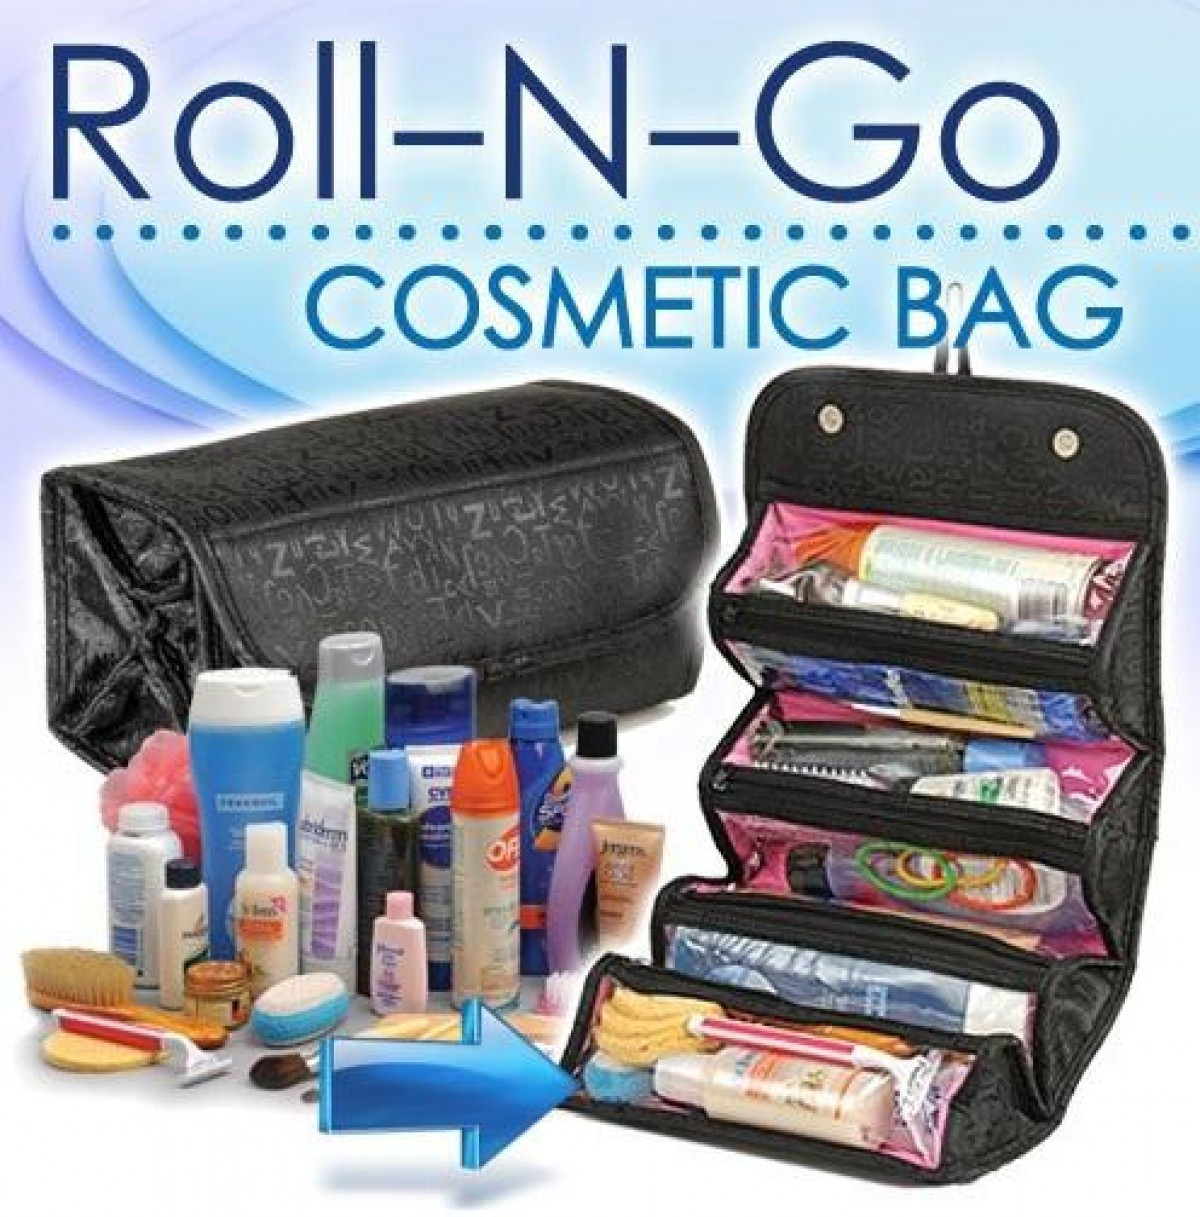 Органайзер-косметичка для косметики Roll and Pack, органайзер для хранения косметики, удобная косметичка